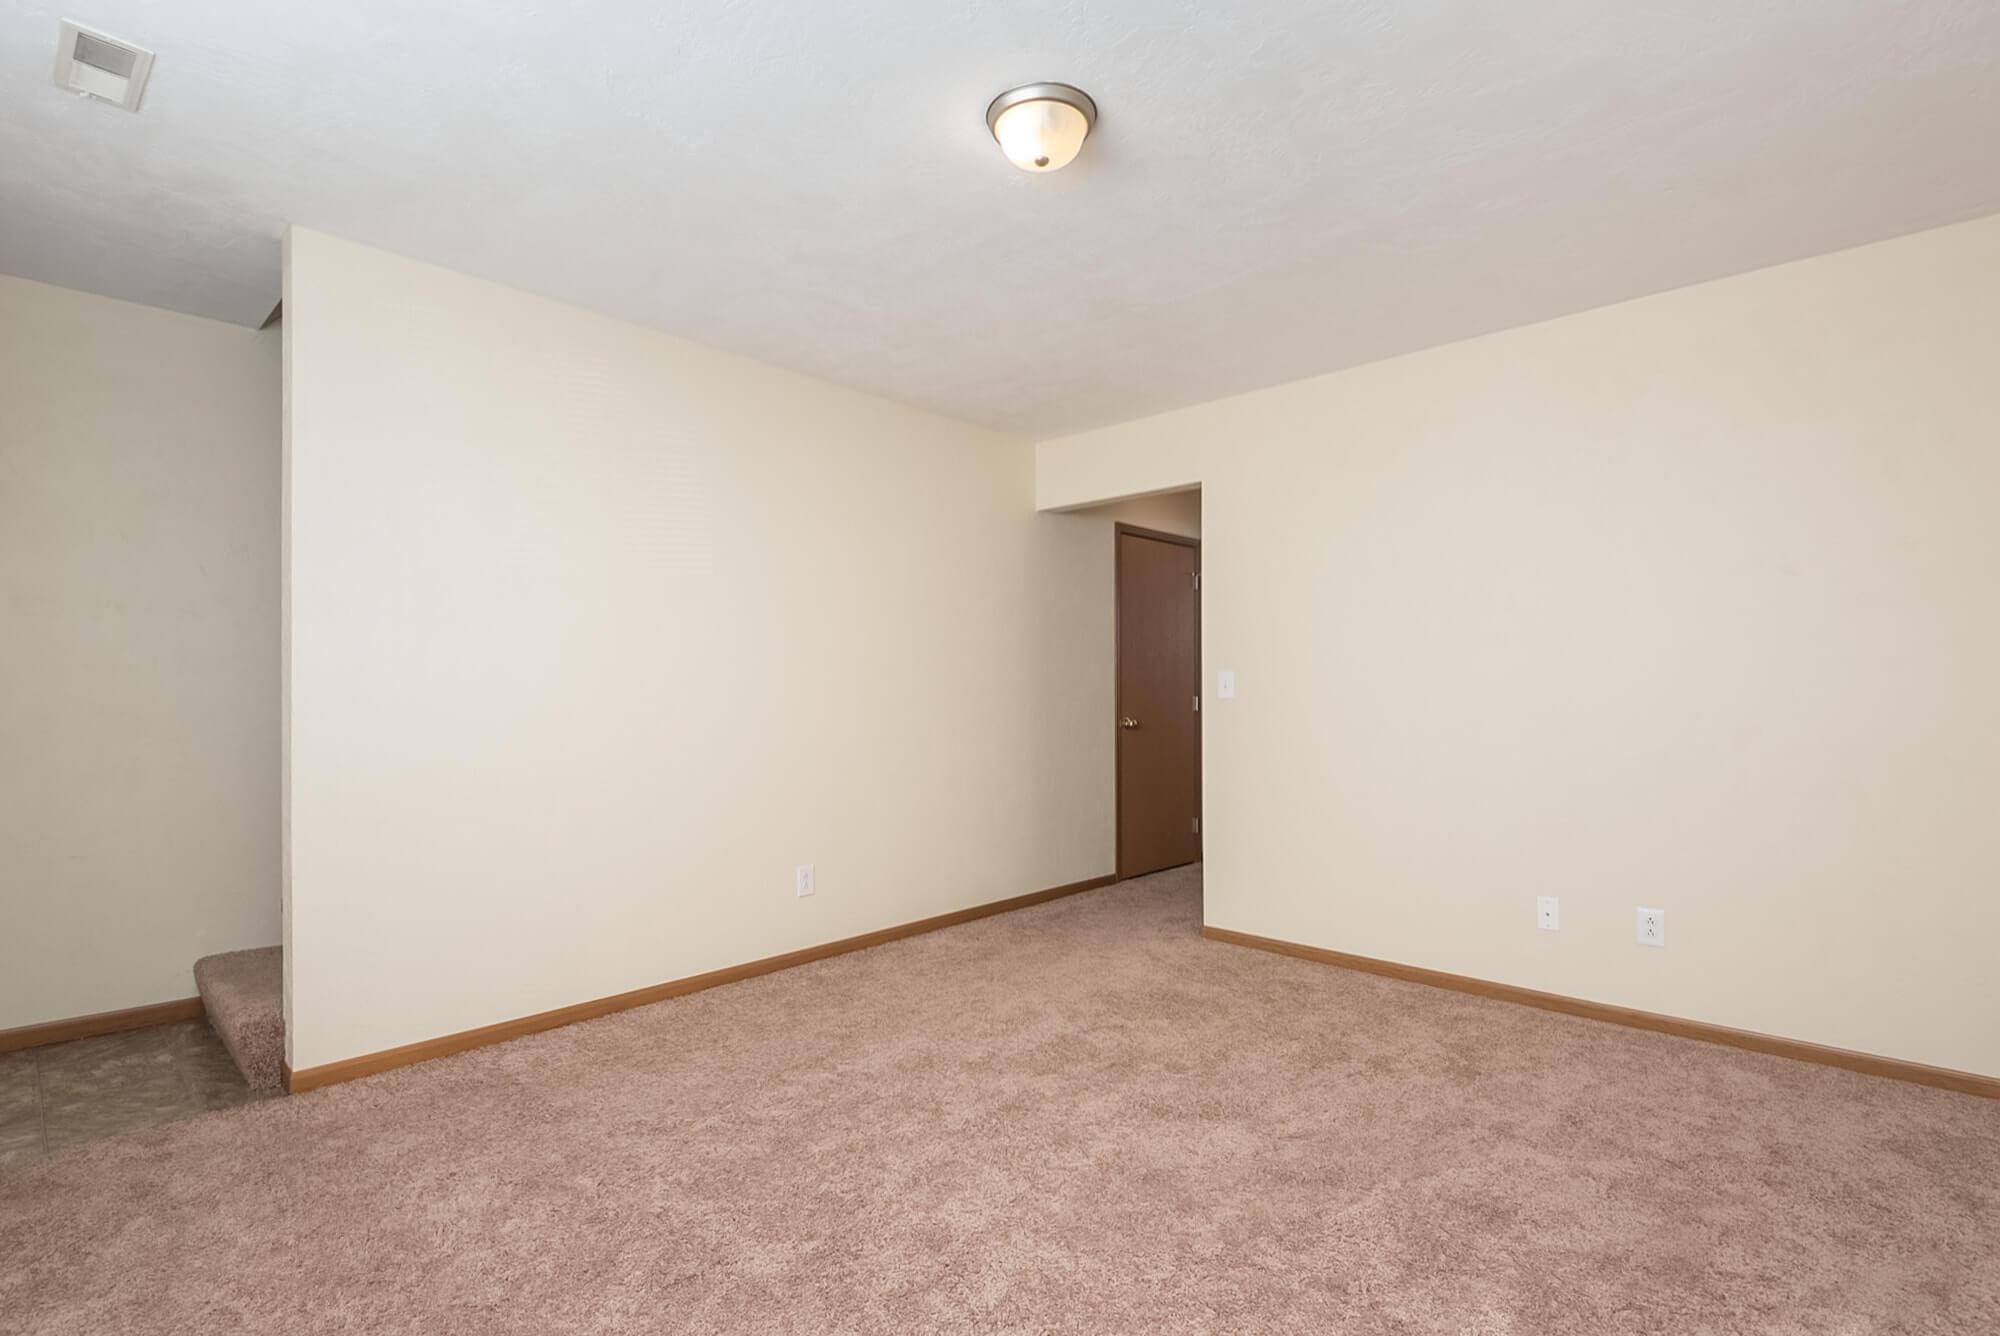 Two Bedroom Apartment Lebanon